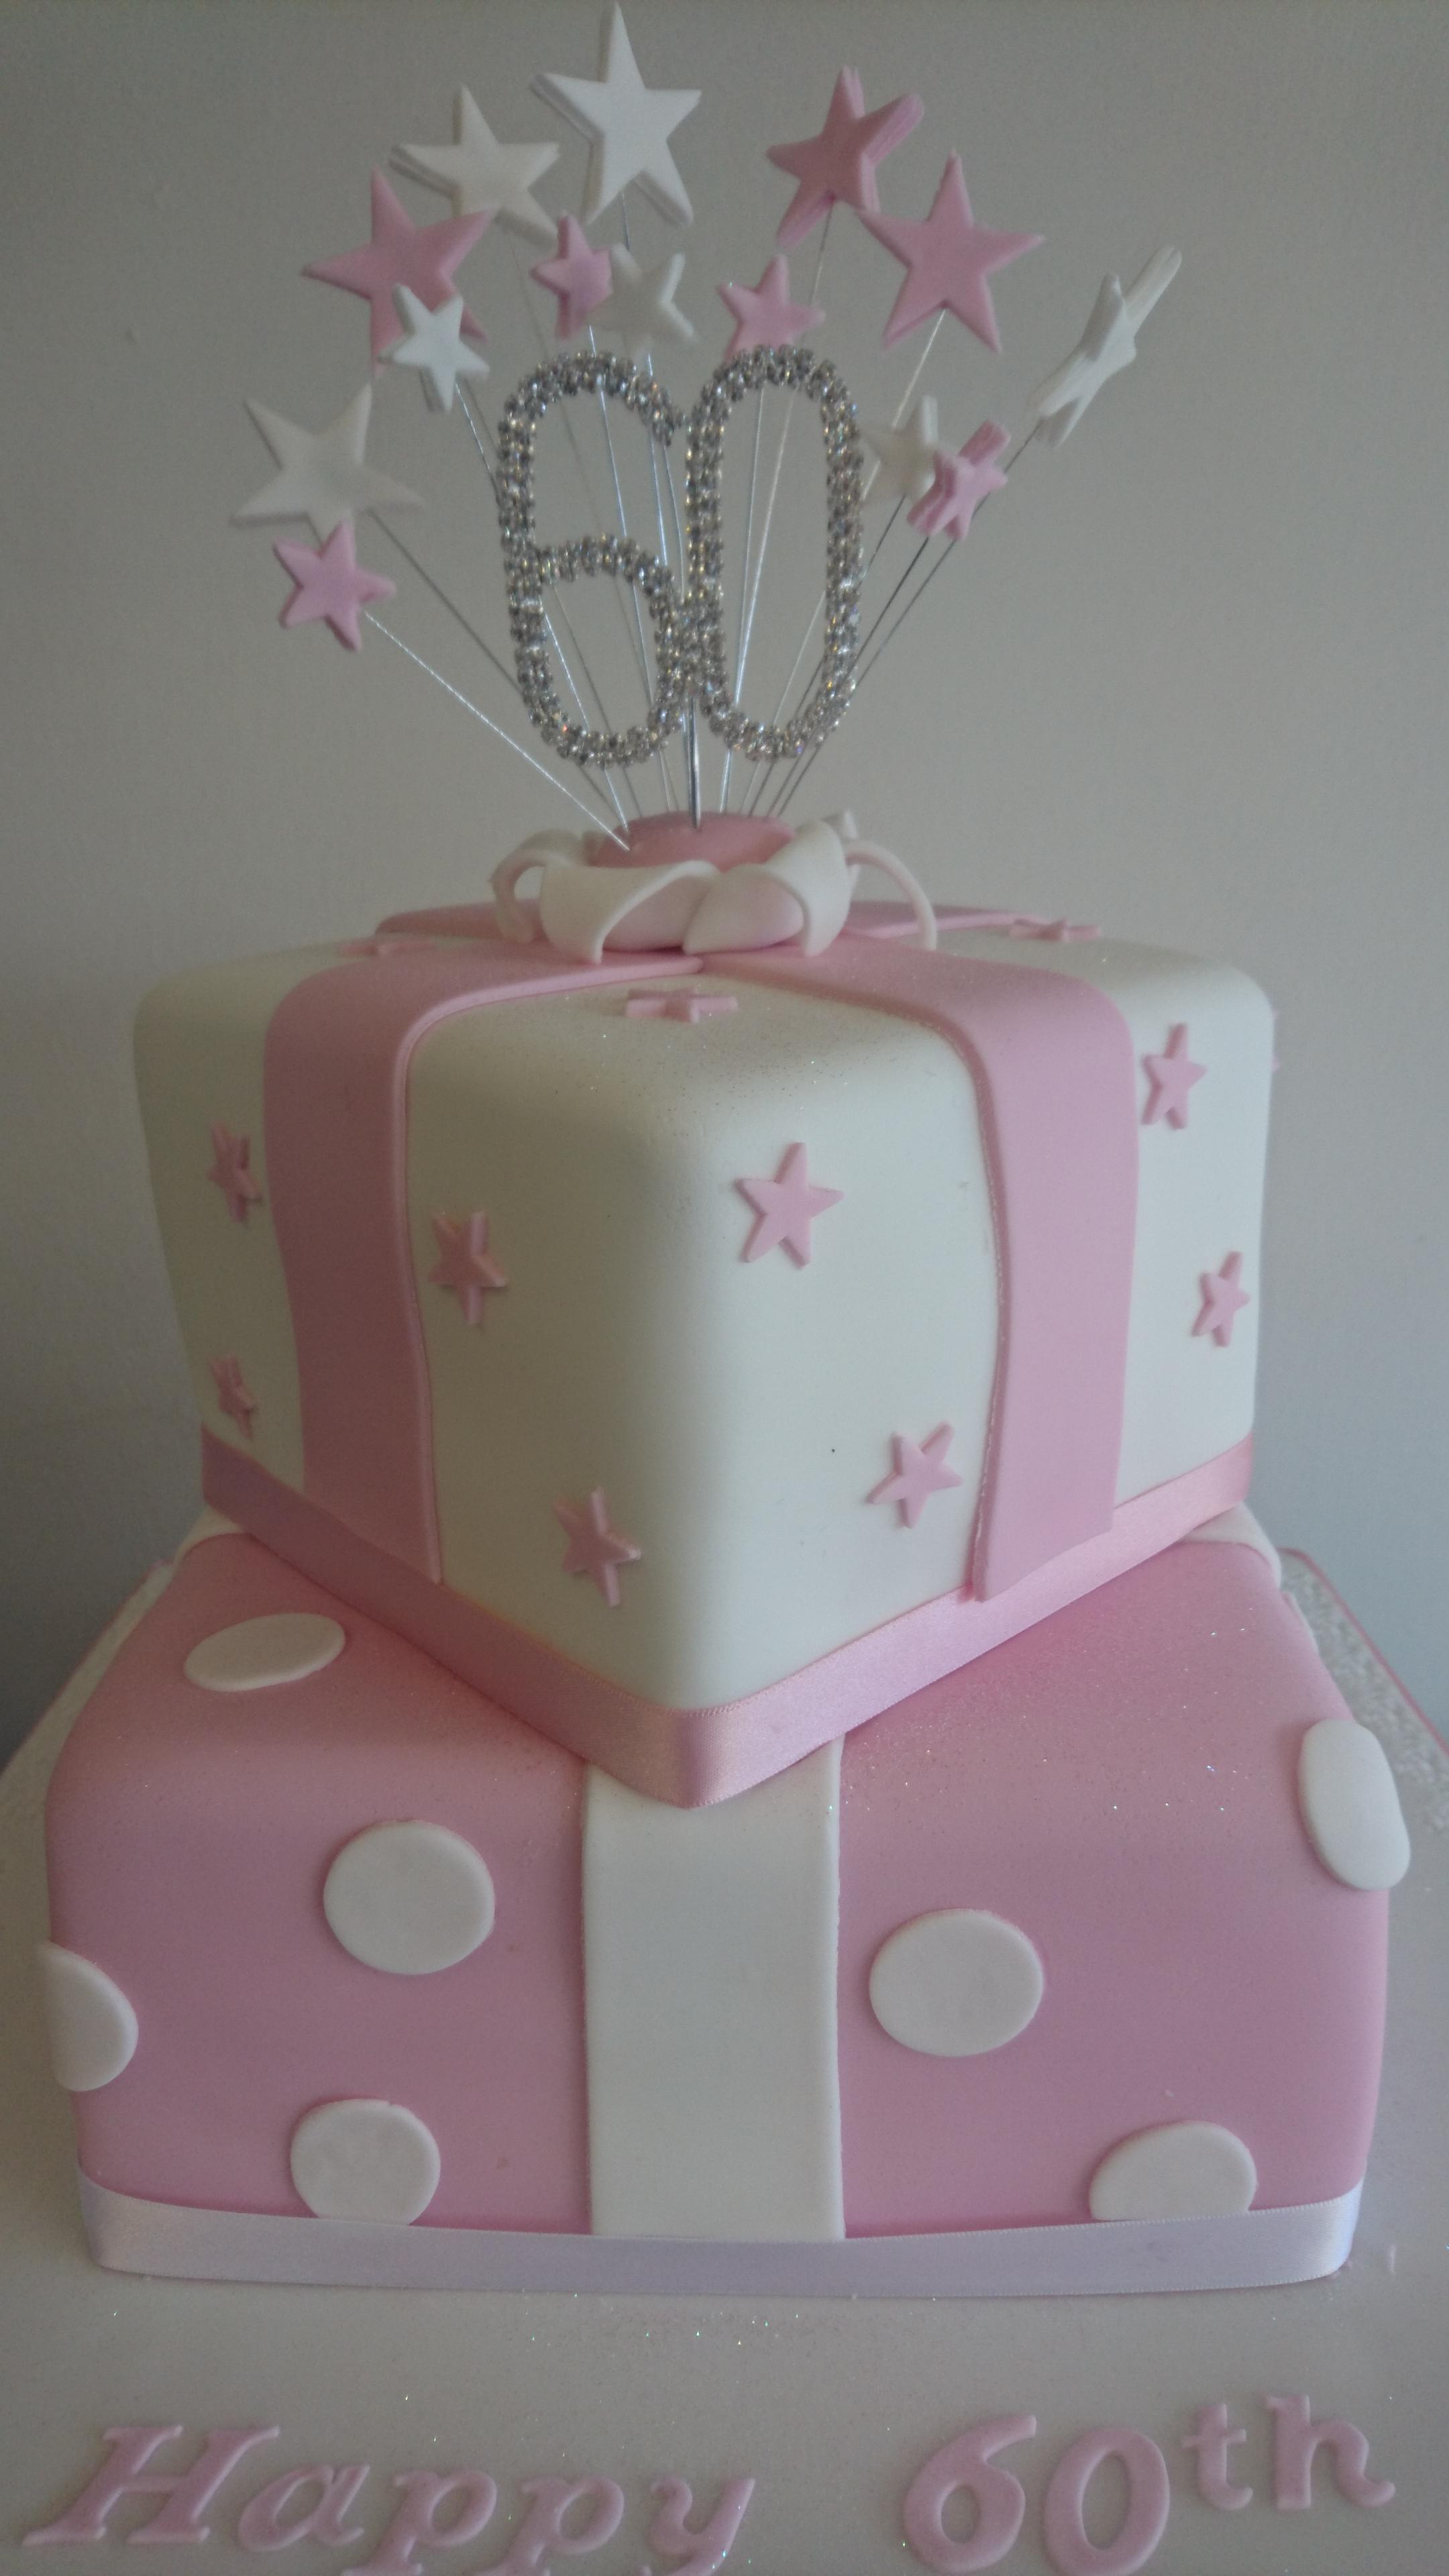 Outstanding Female Birthday Cakes Cakes By P Female Birthday Cakes Manchester Funny Birthday Cards Online Hetedamsfinfo